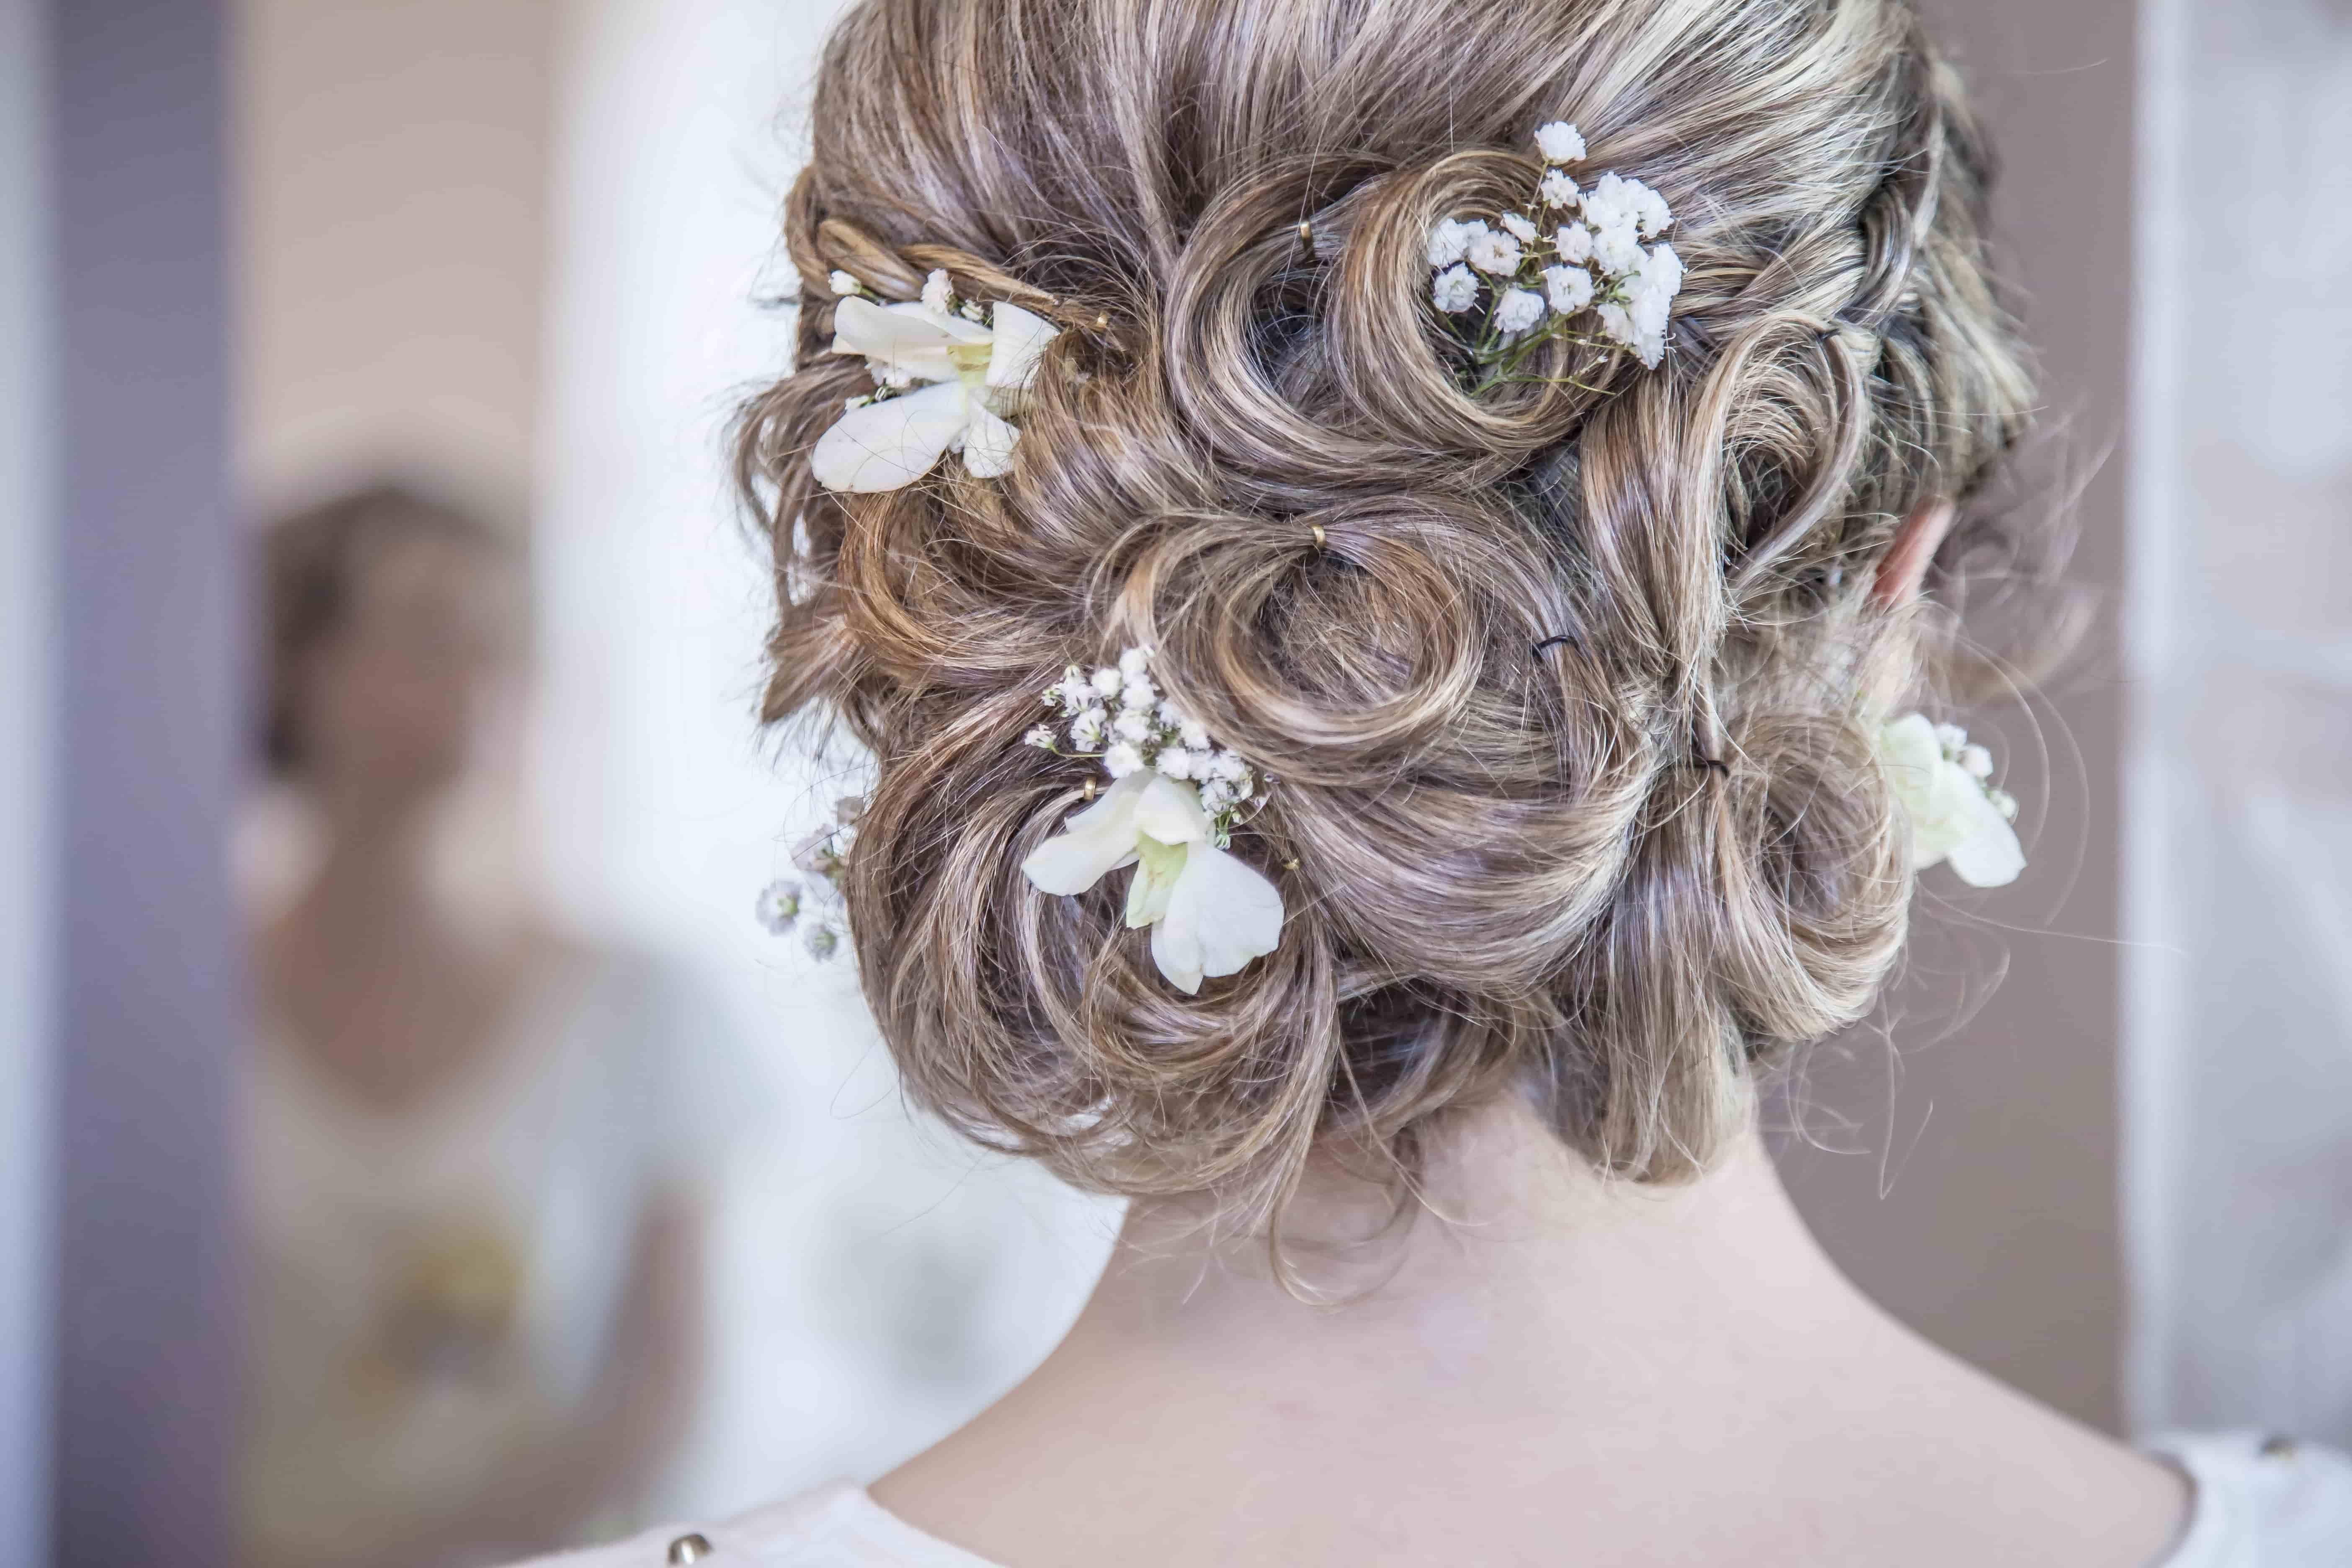 braidsmaids hair accessories